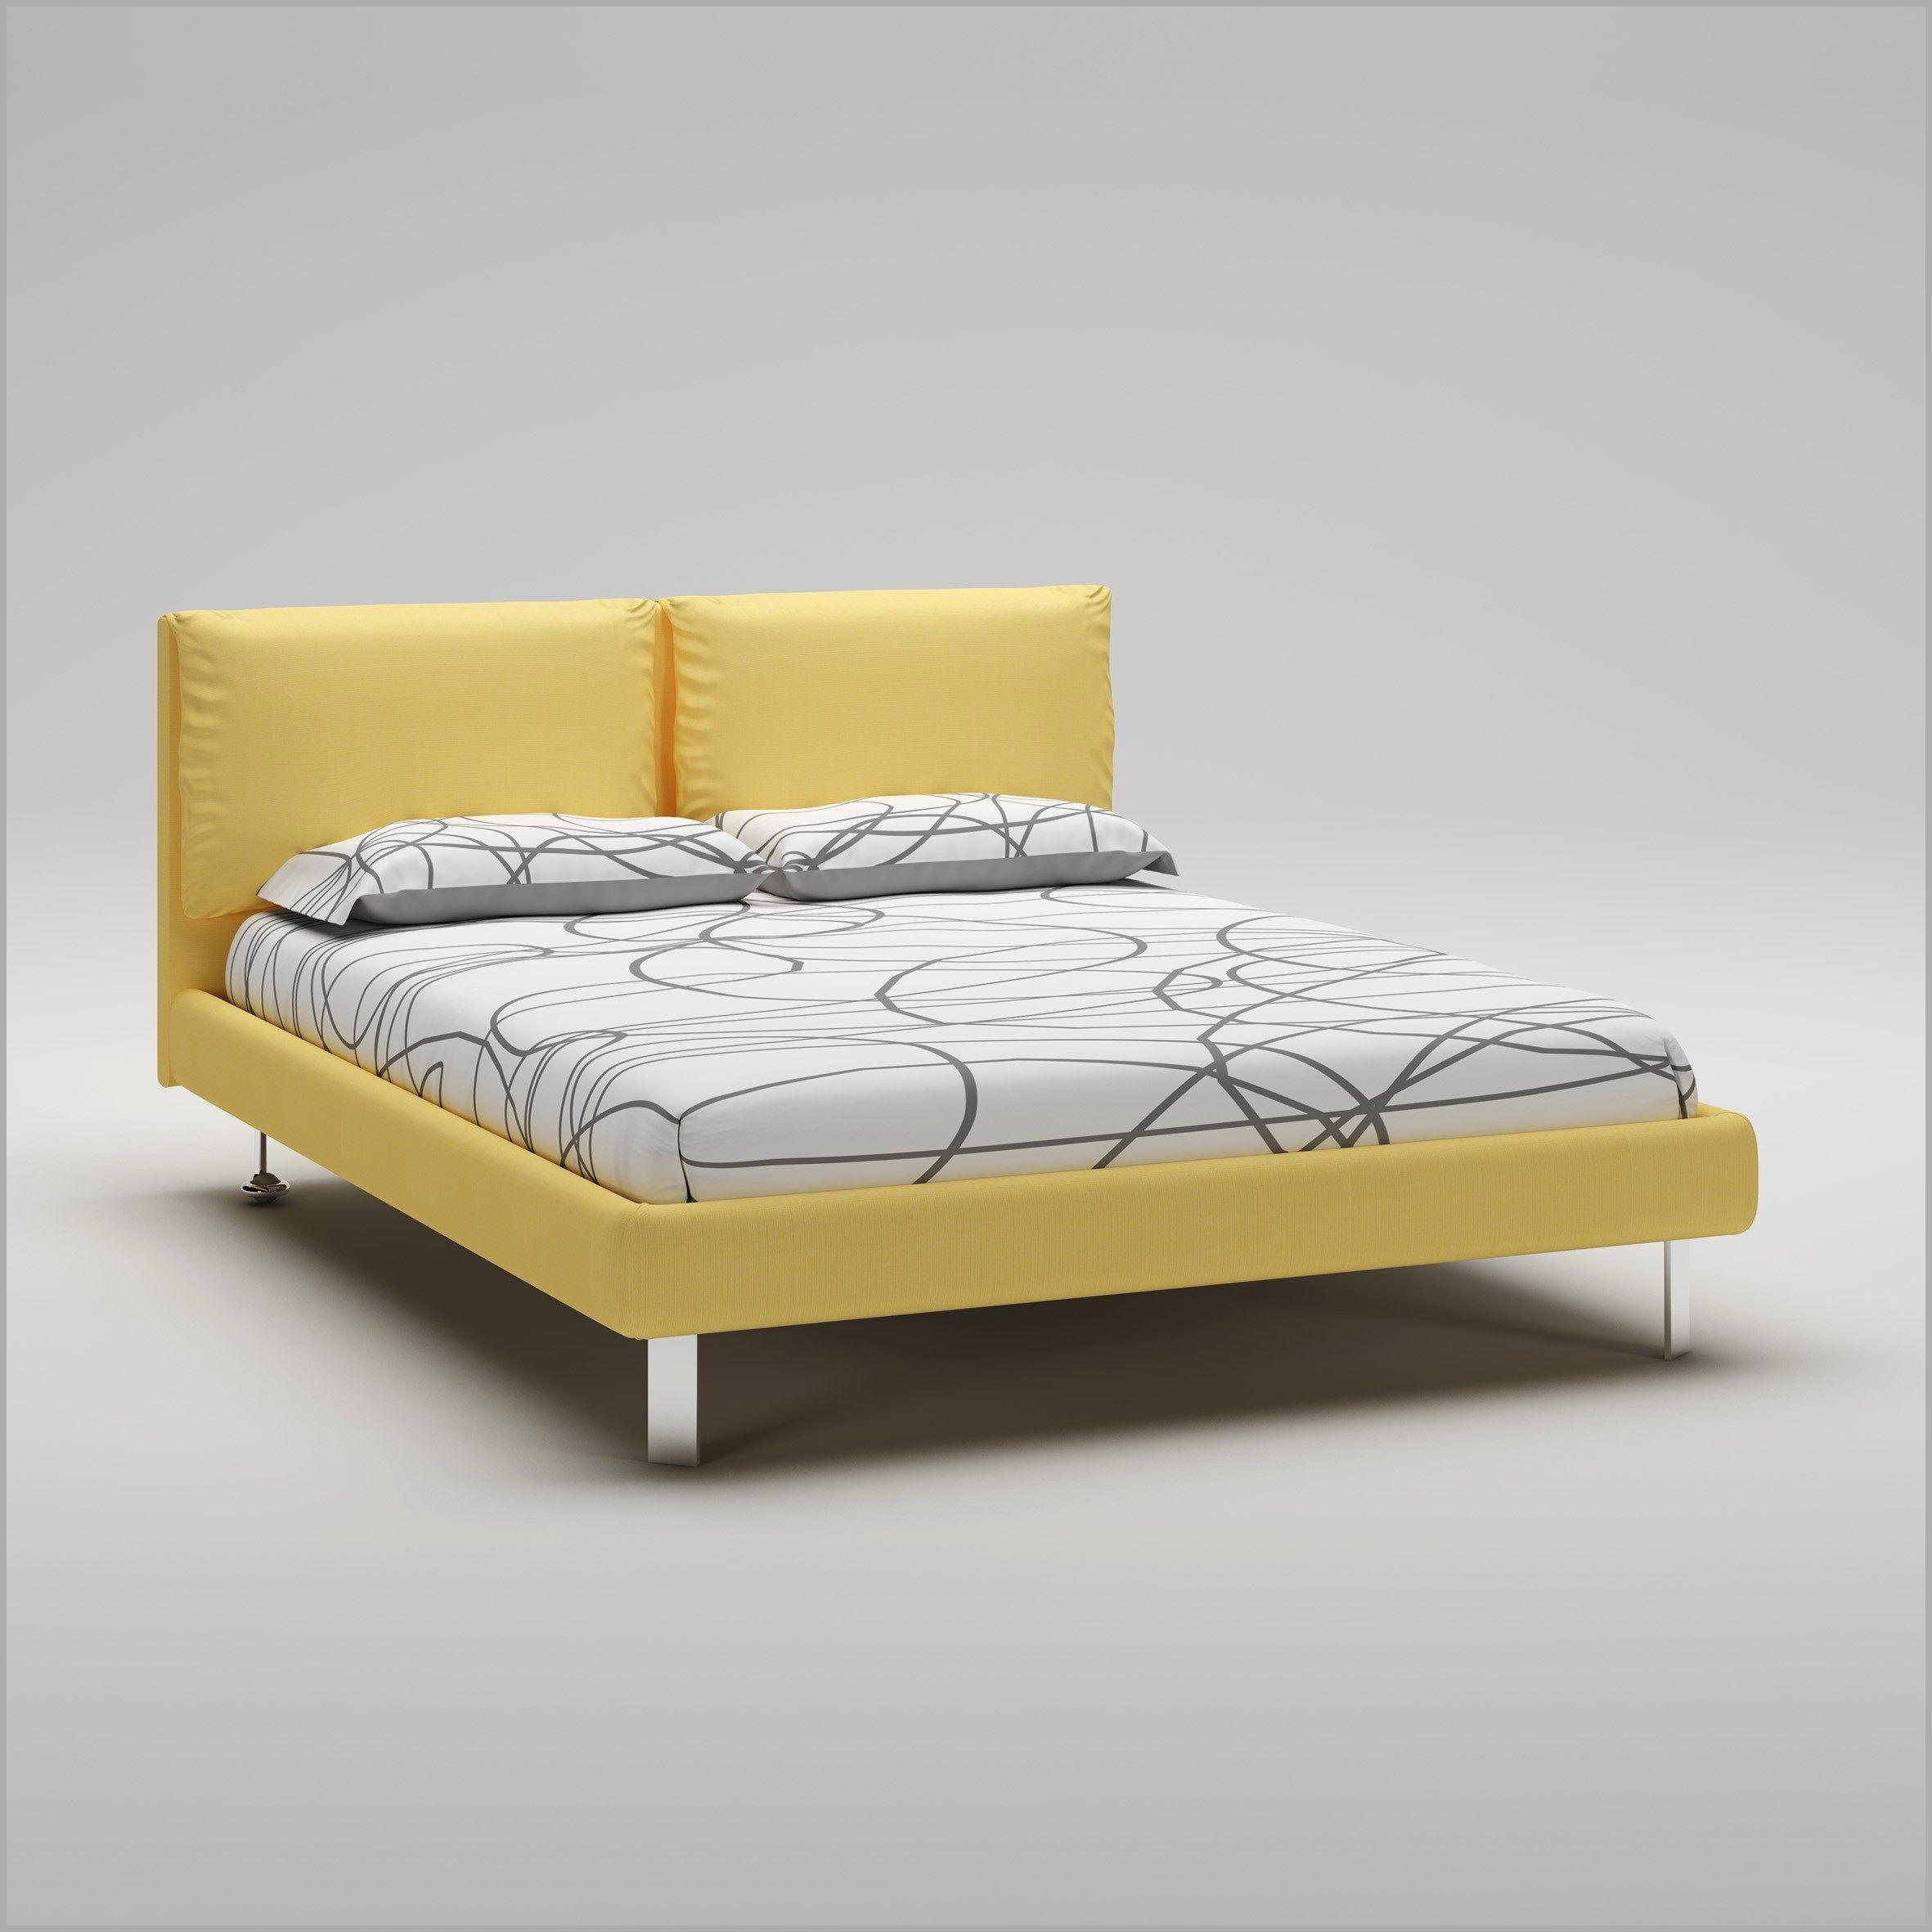 Lit 160 200 Ikea élégant Lit Haut Lit 160 200 Gris Frais